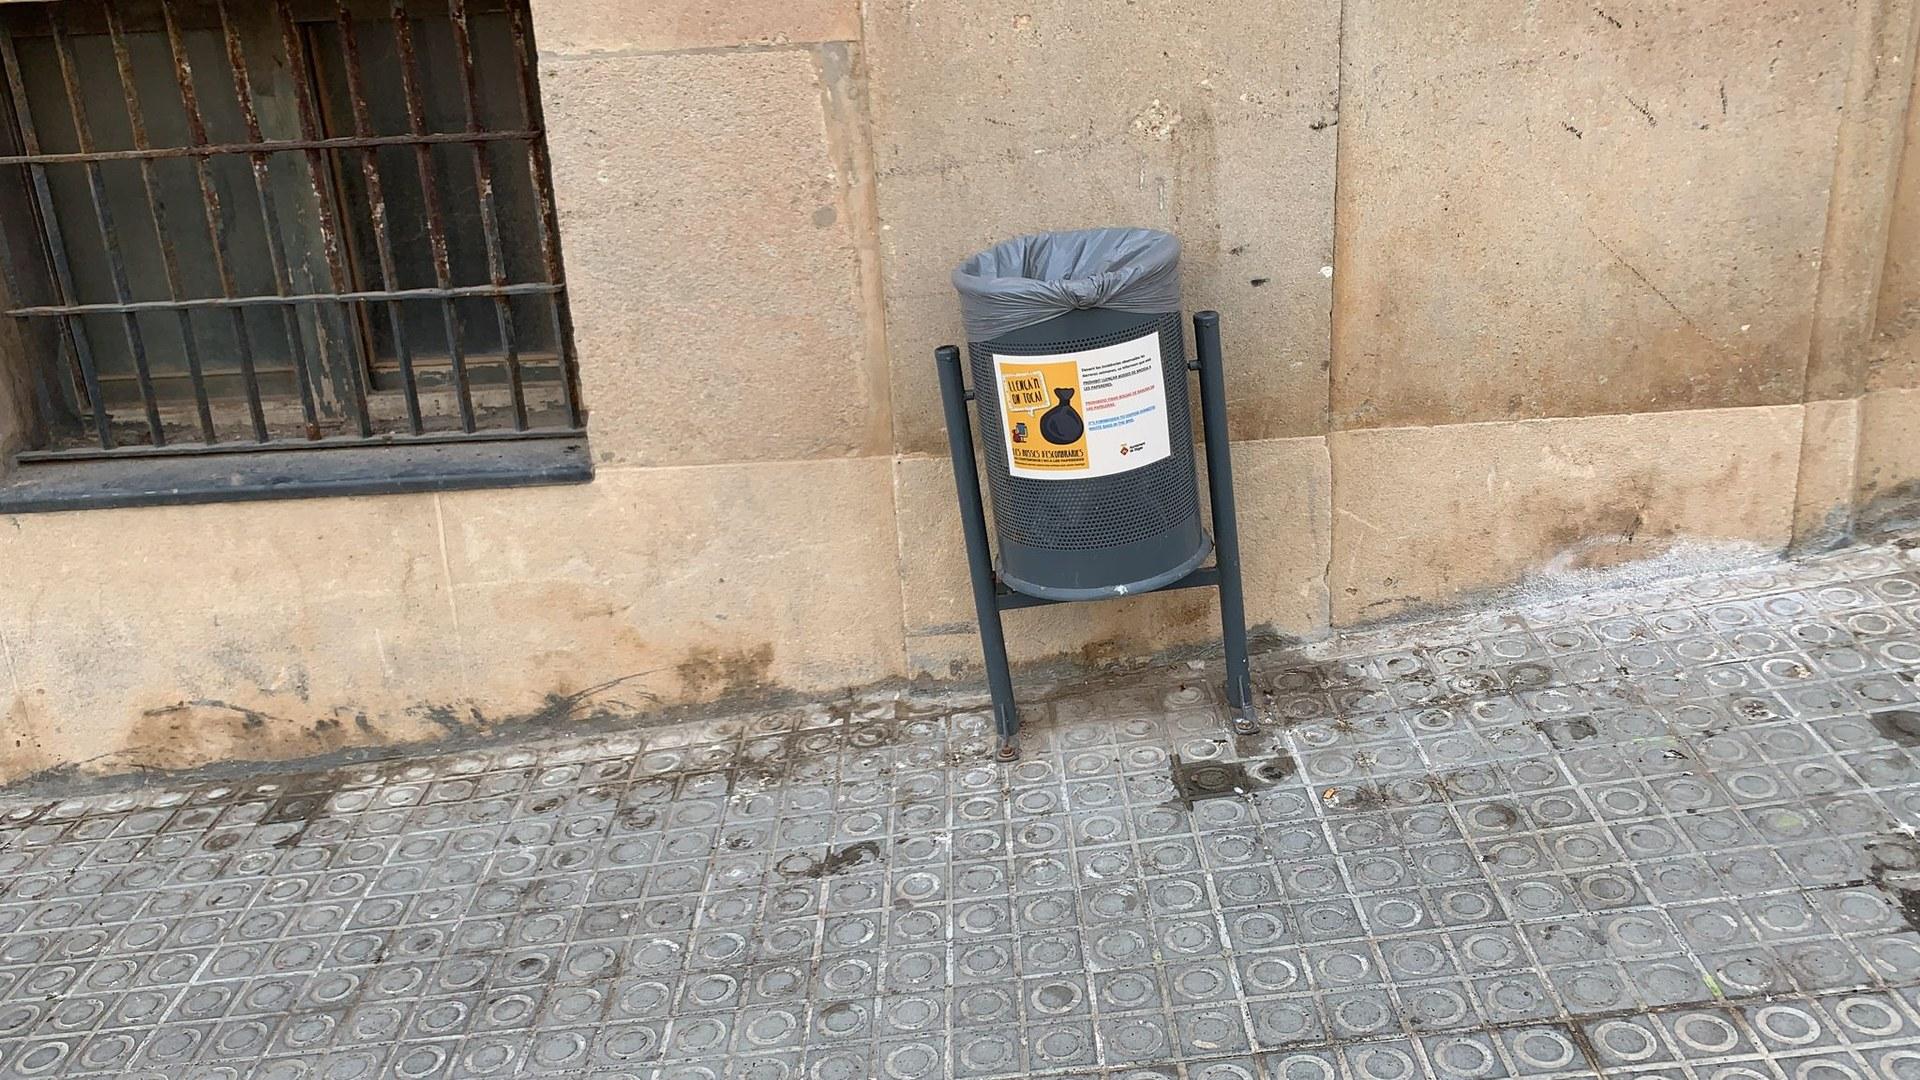 L'Ajuntament recorda que no es poden dipositar bosses de brossa a les papereres